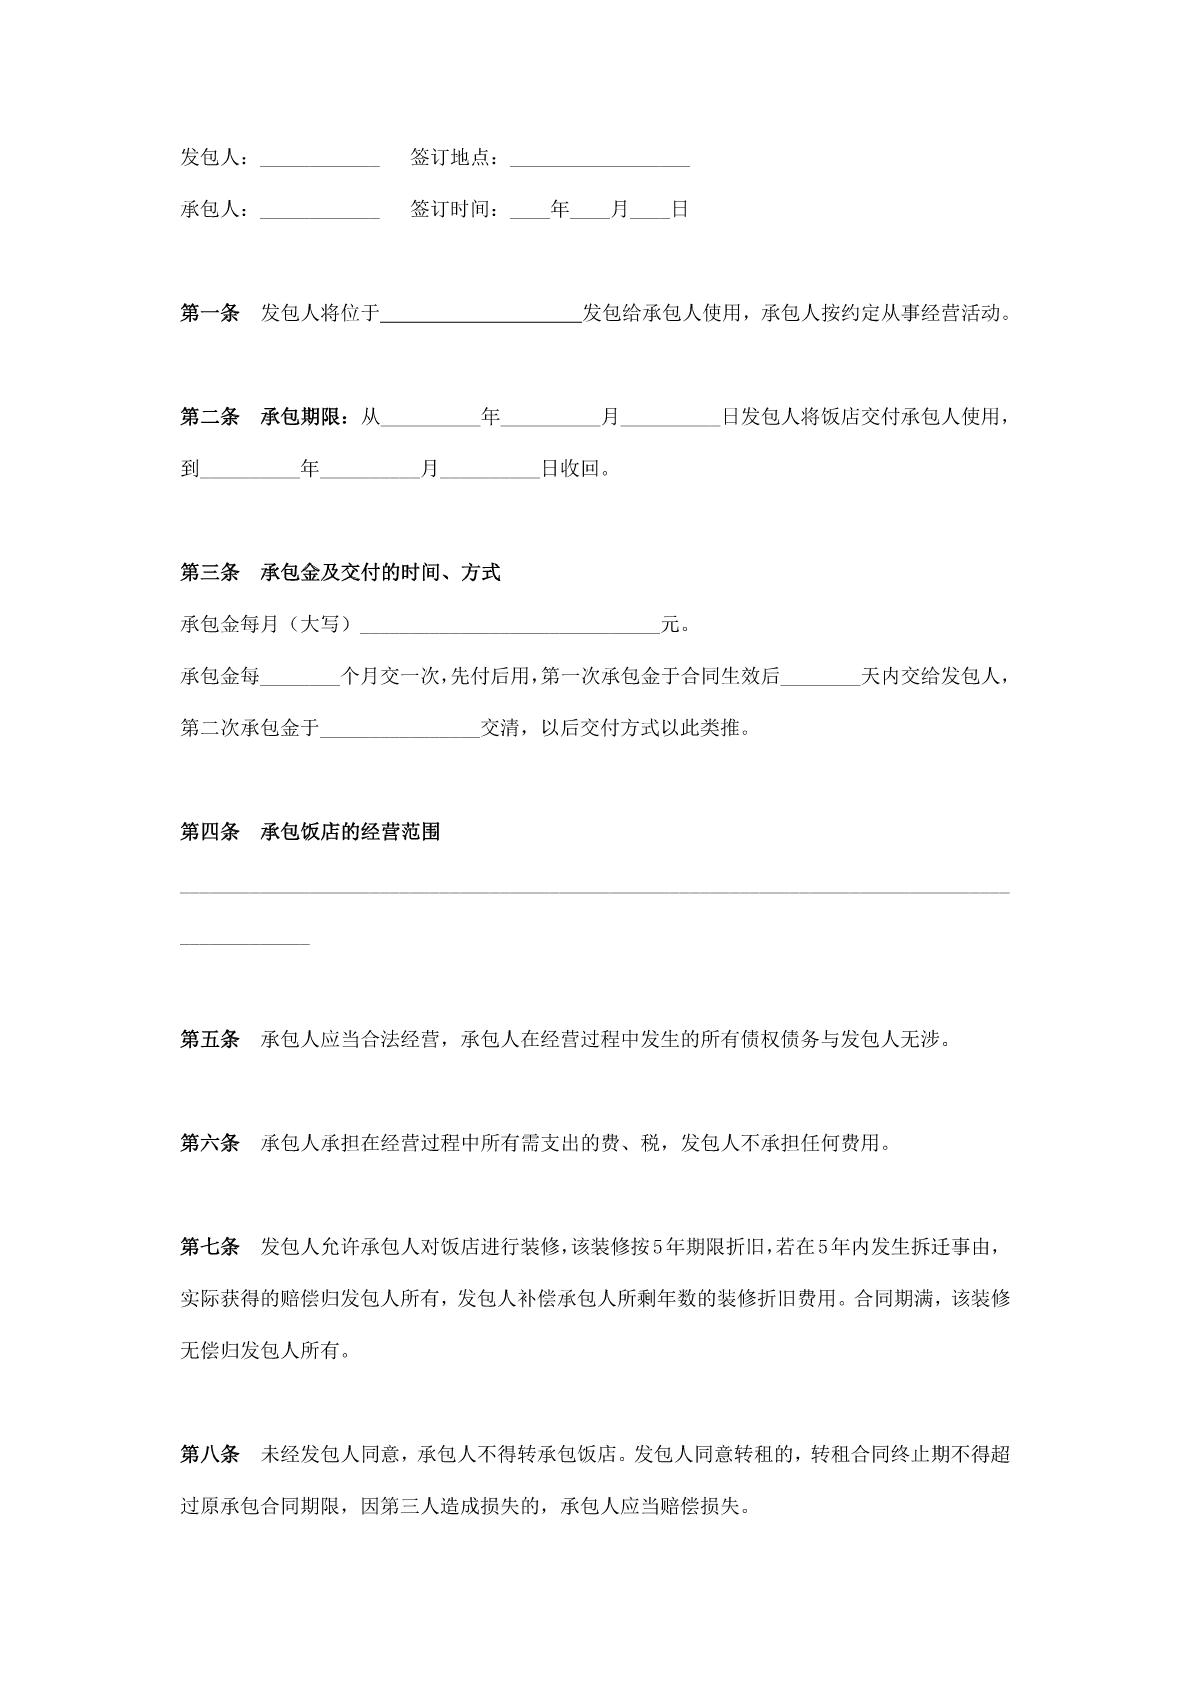 饭店承包经营合同协议书范本简约版